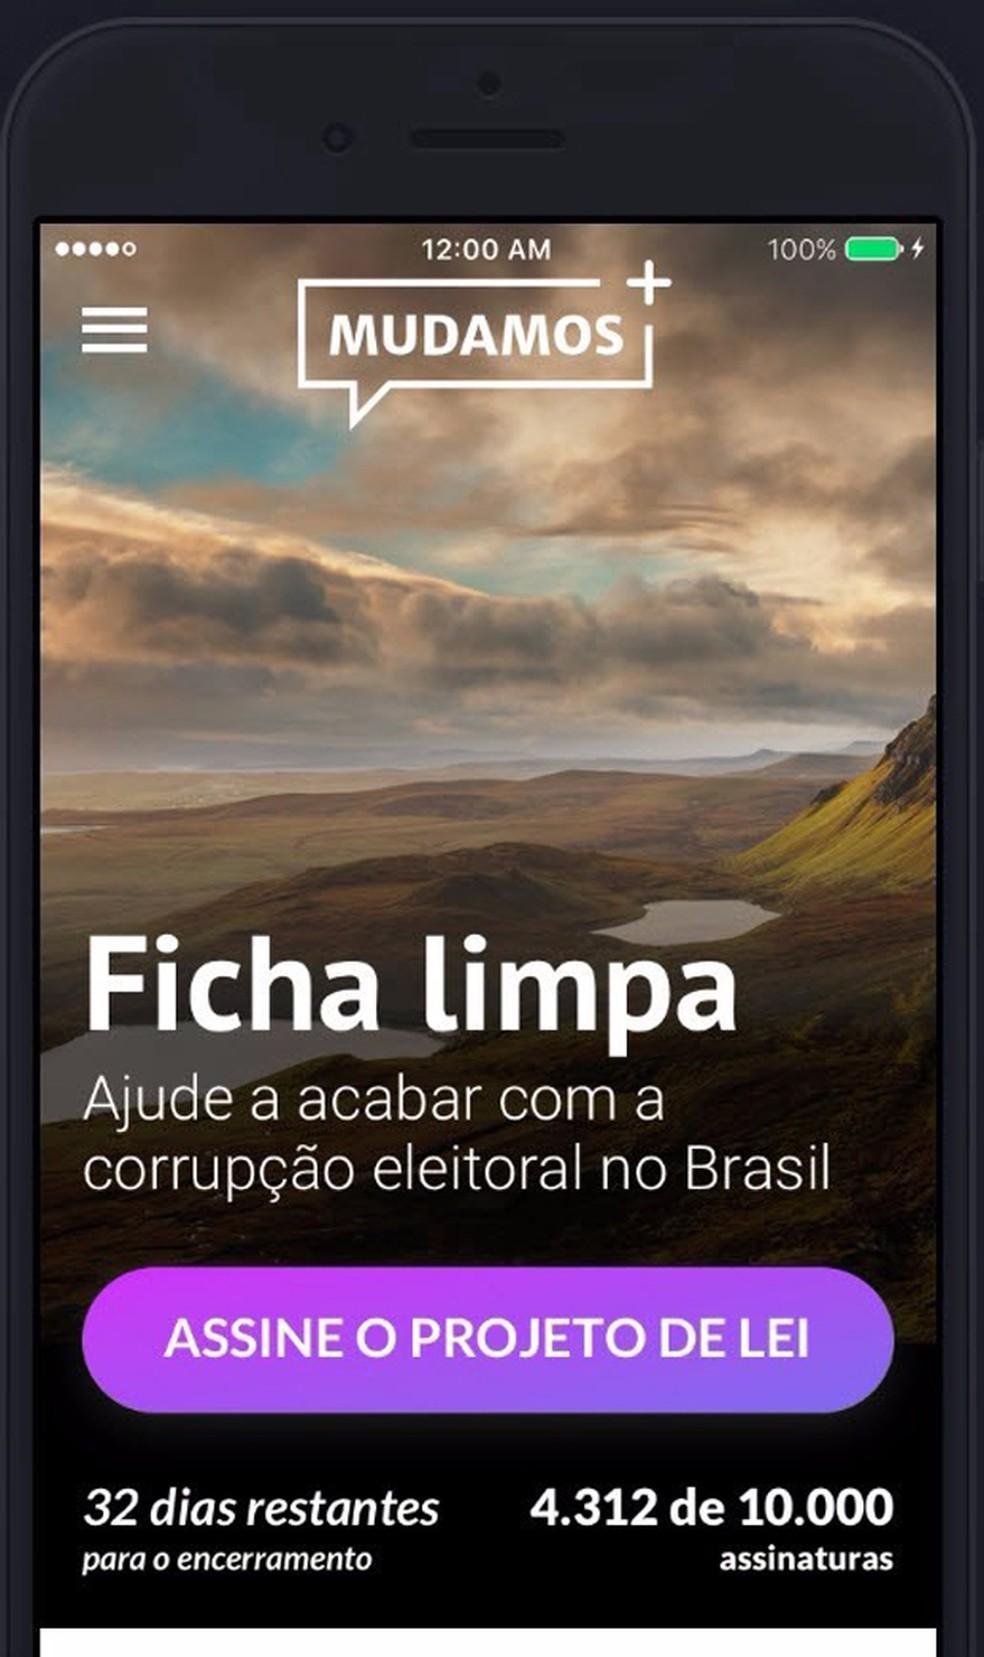 Imagem mostra como funcionará o aplicativo 'Mudamos' (Foto: Divulgação)